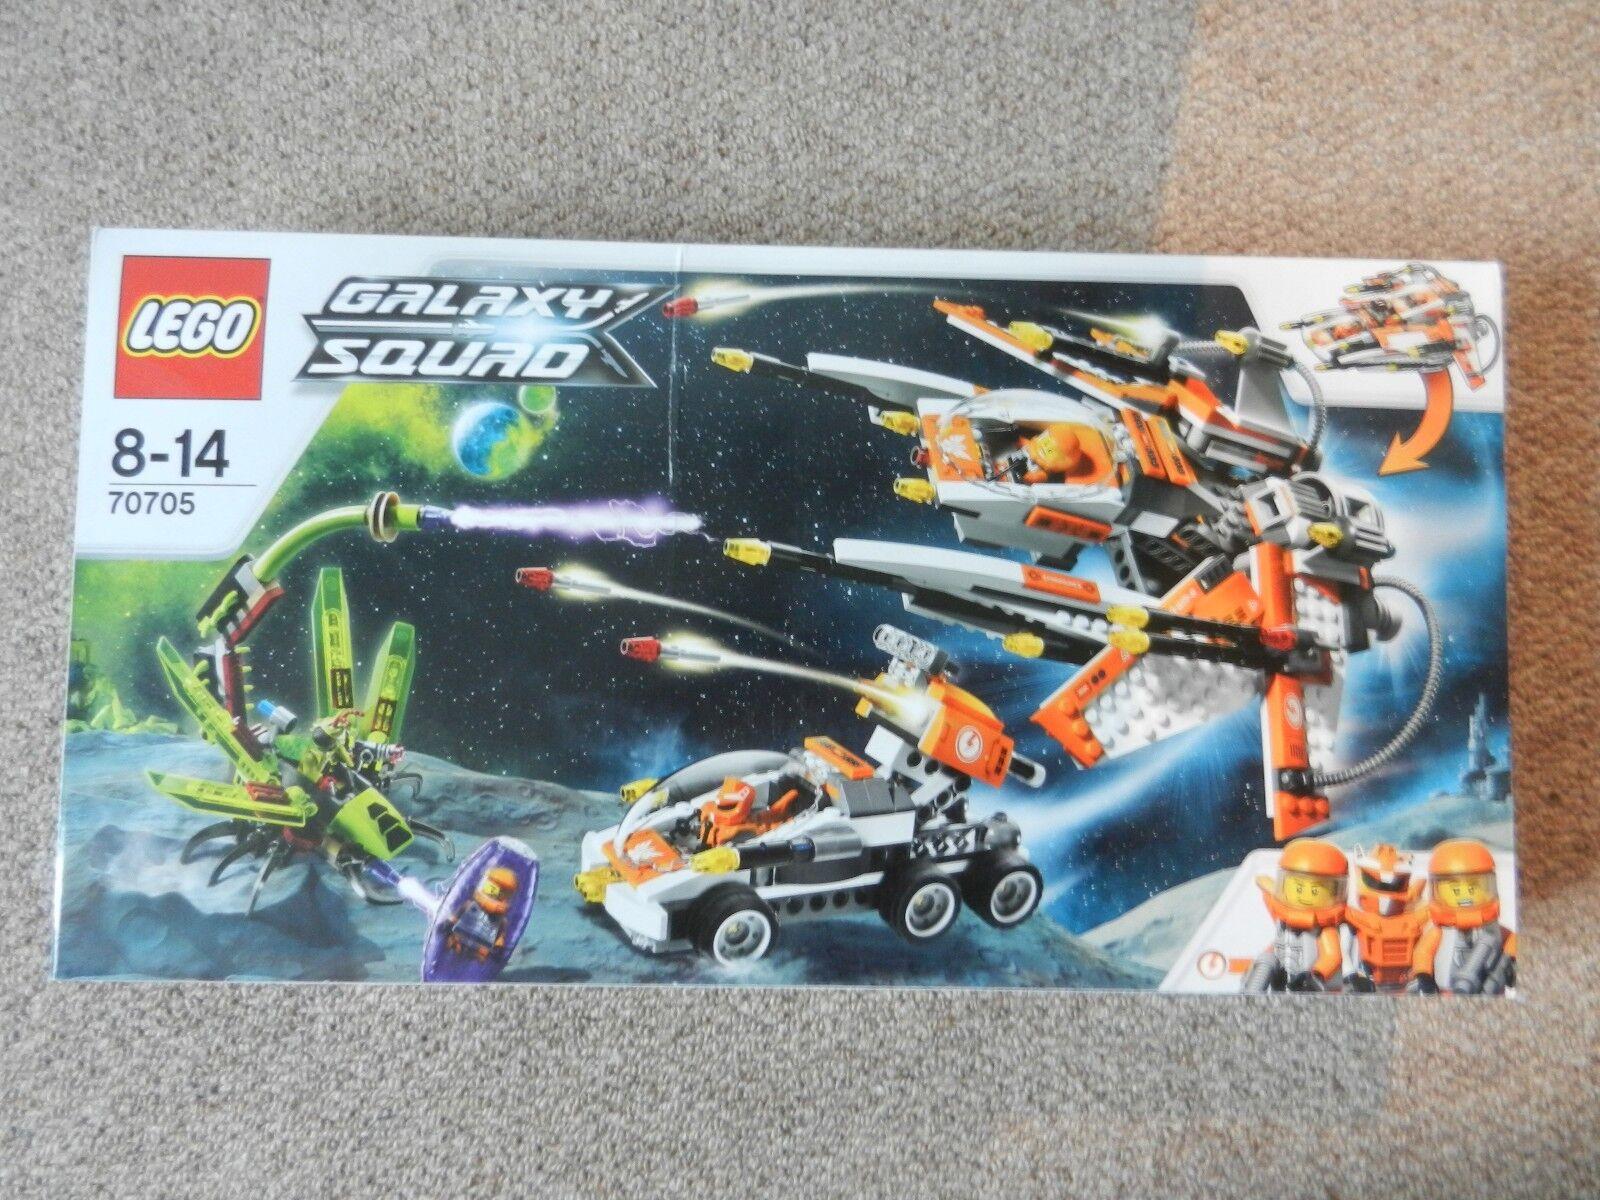 Nuevo Y En Caja Lego Galaxy Squad 70705  Bug Obliterator-Nuevo Sellado En Caja